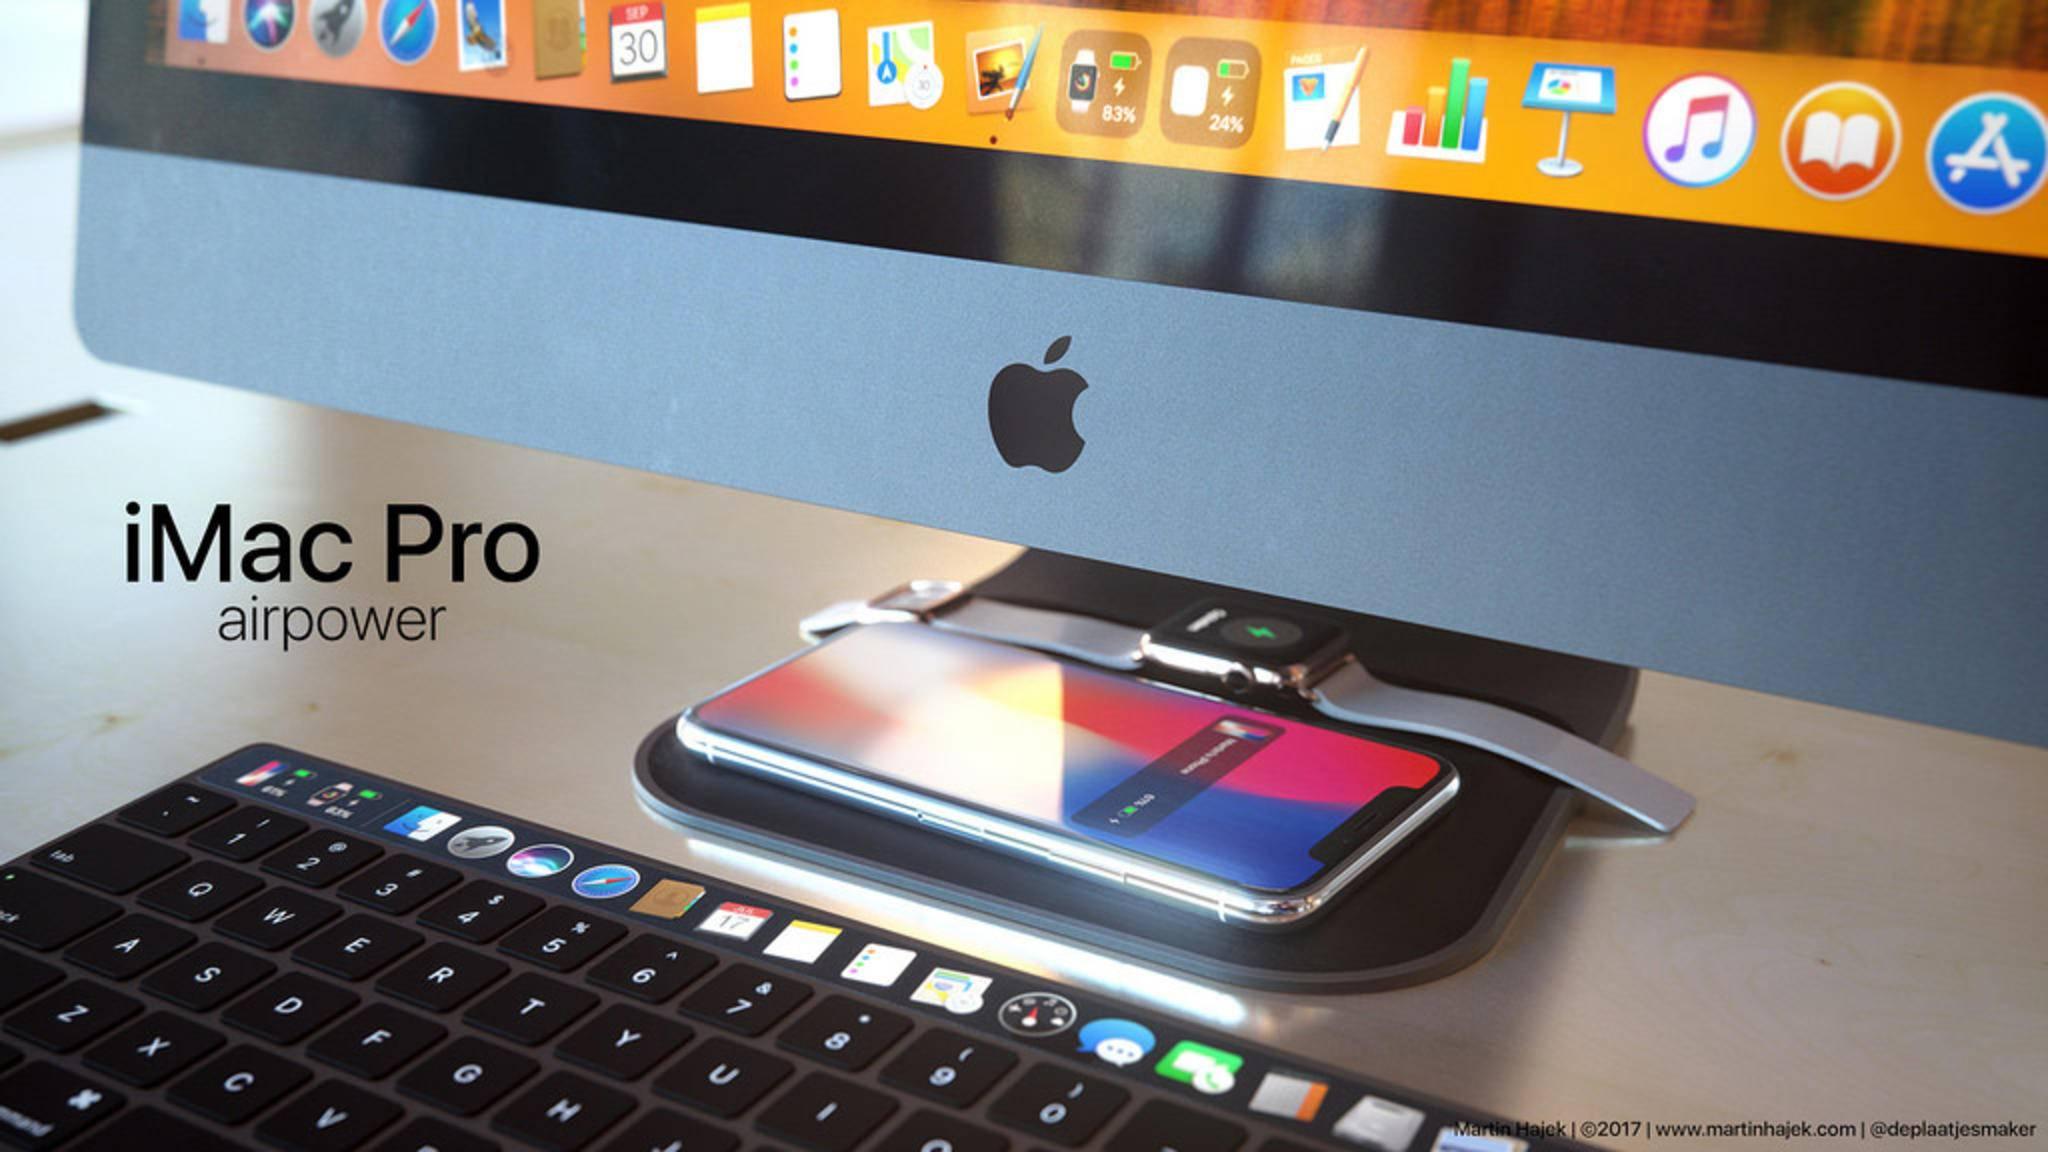 iMac Pro mit AirPower: So einfach könnte das iPhone X auf dem Standfuß geladen werden.